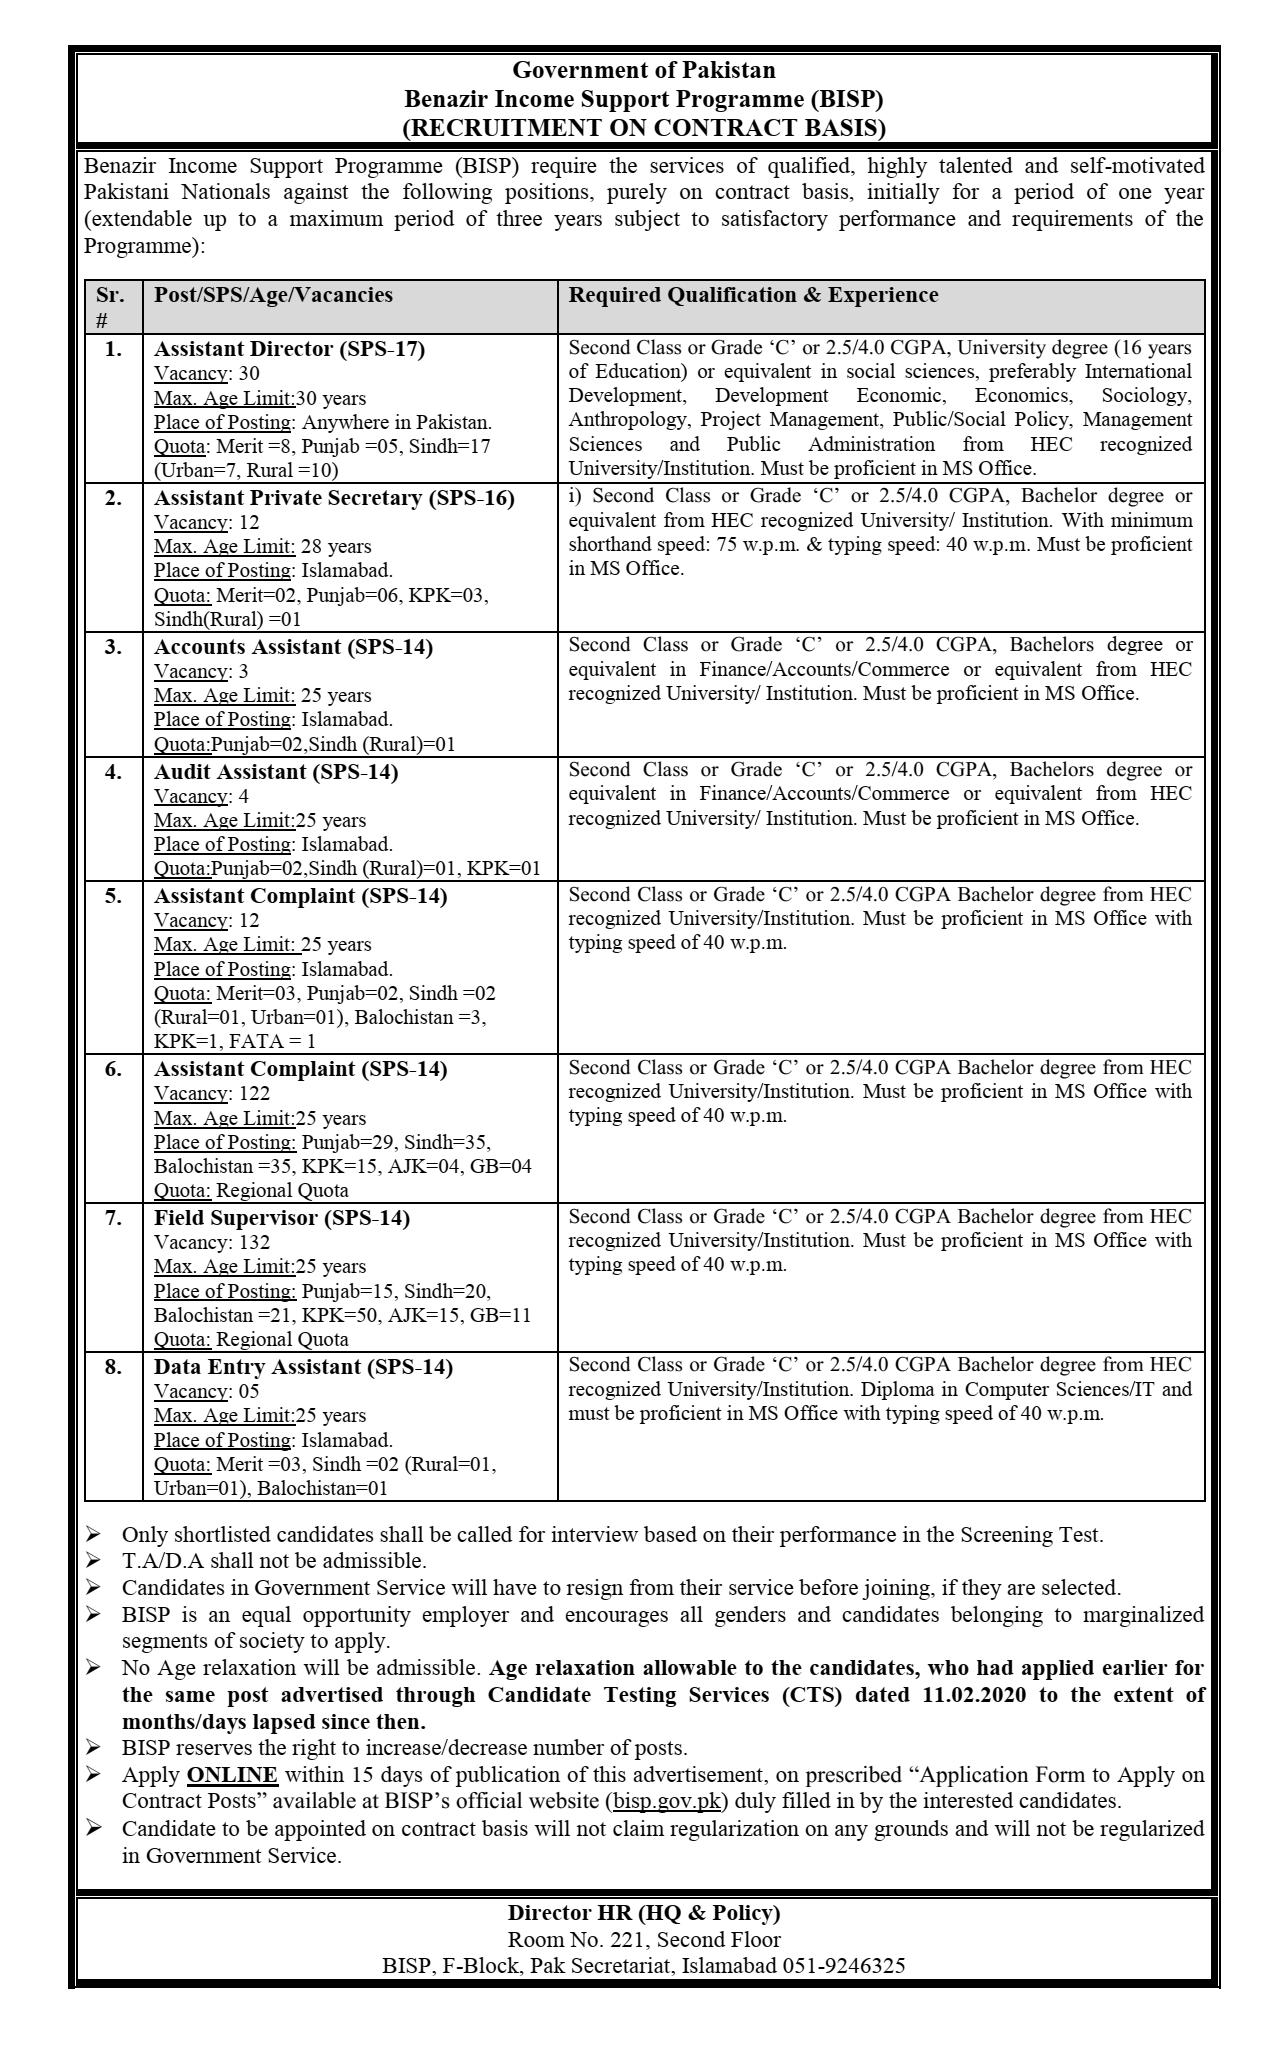 Benazir Income Support Programme BISP Jobs 2021 | (320 Posts) Apply Online All Over Pakistan